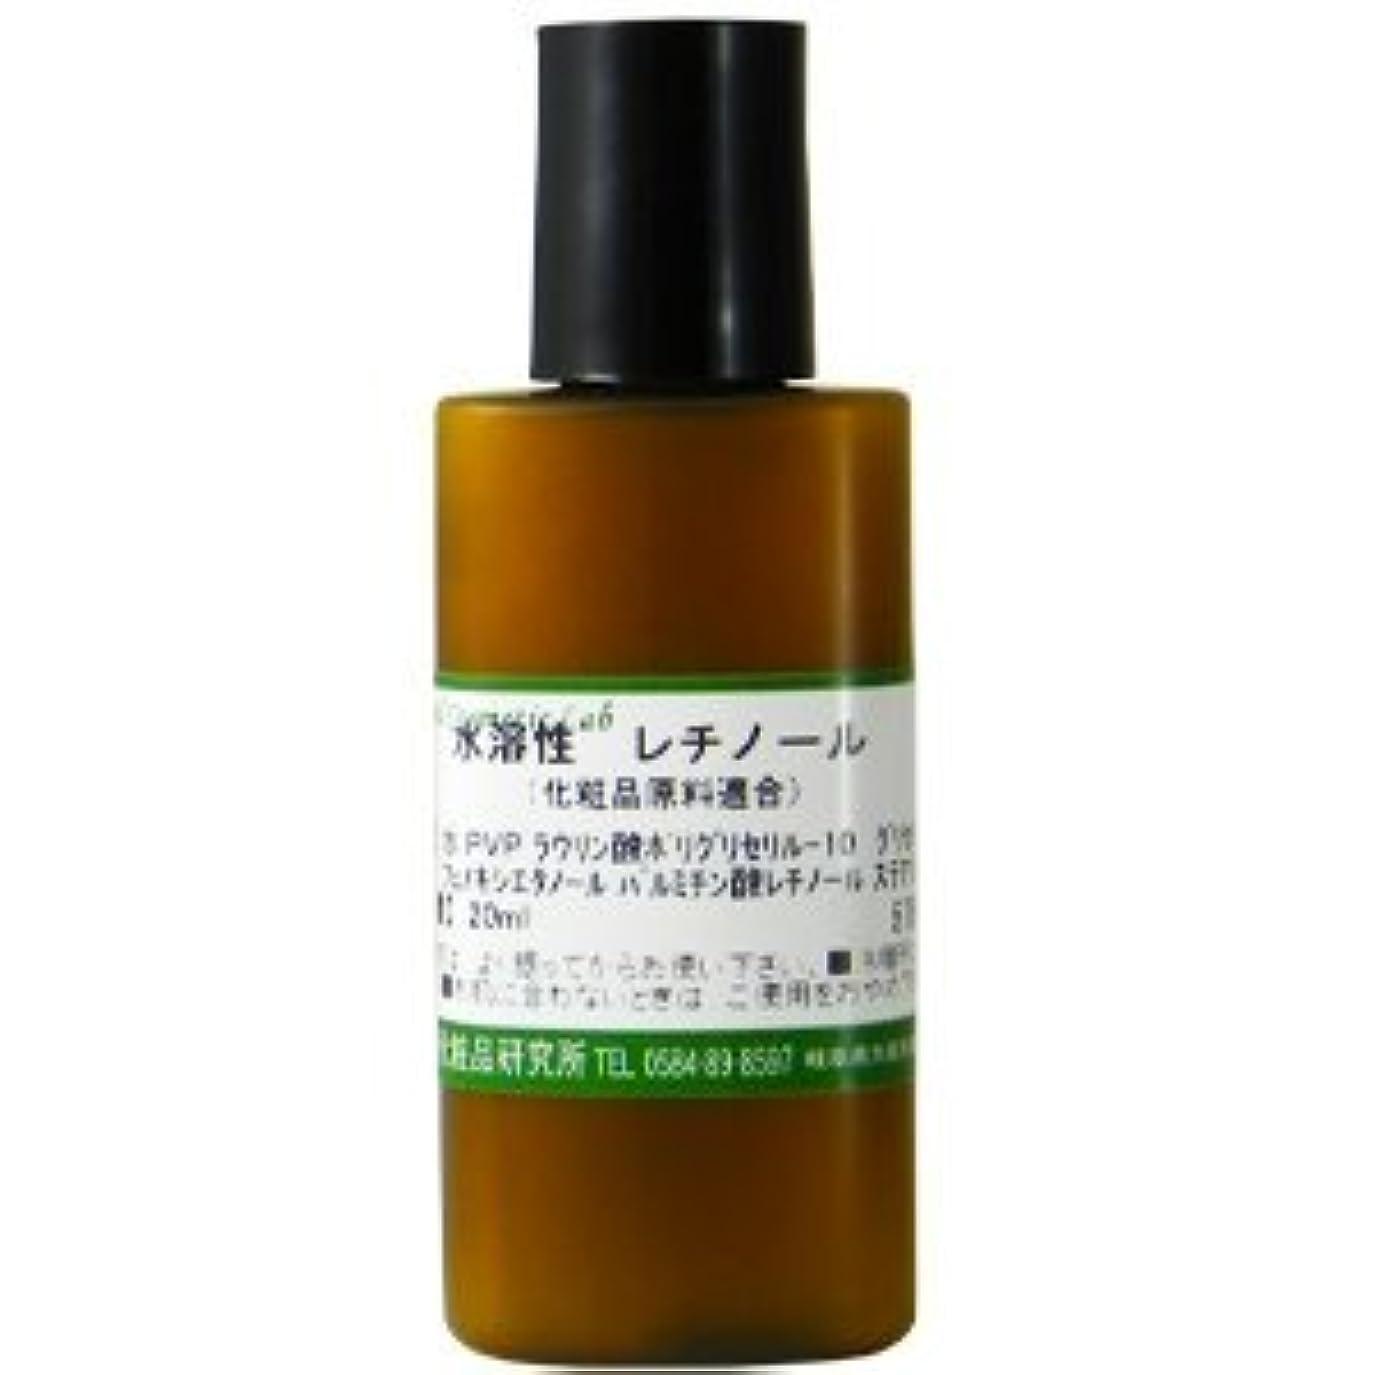 マーティフィールディングスパーク不正確水溶性レチノール 20ml 【手作り化粧品原料】